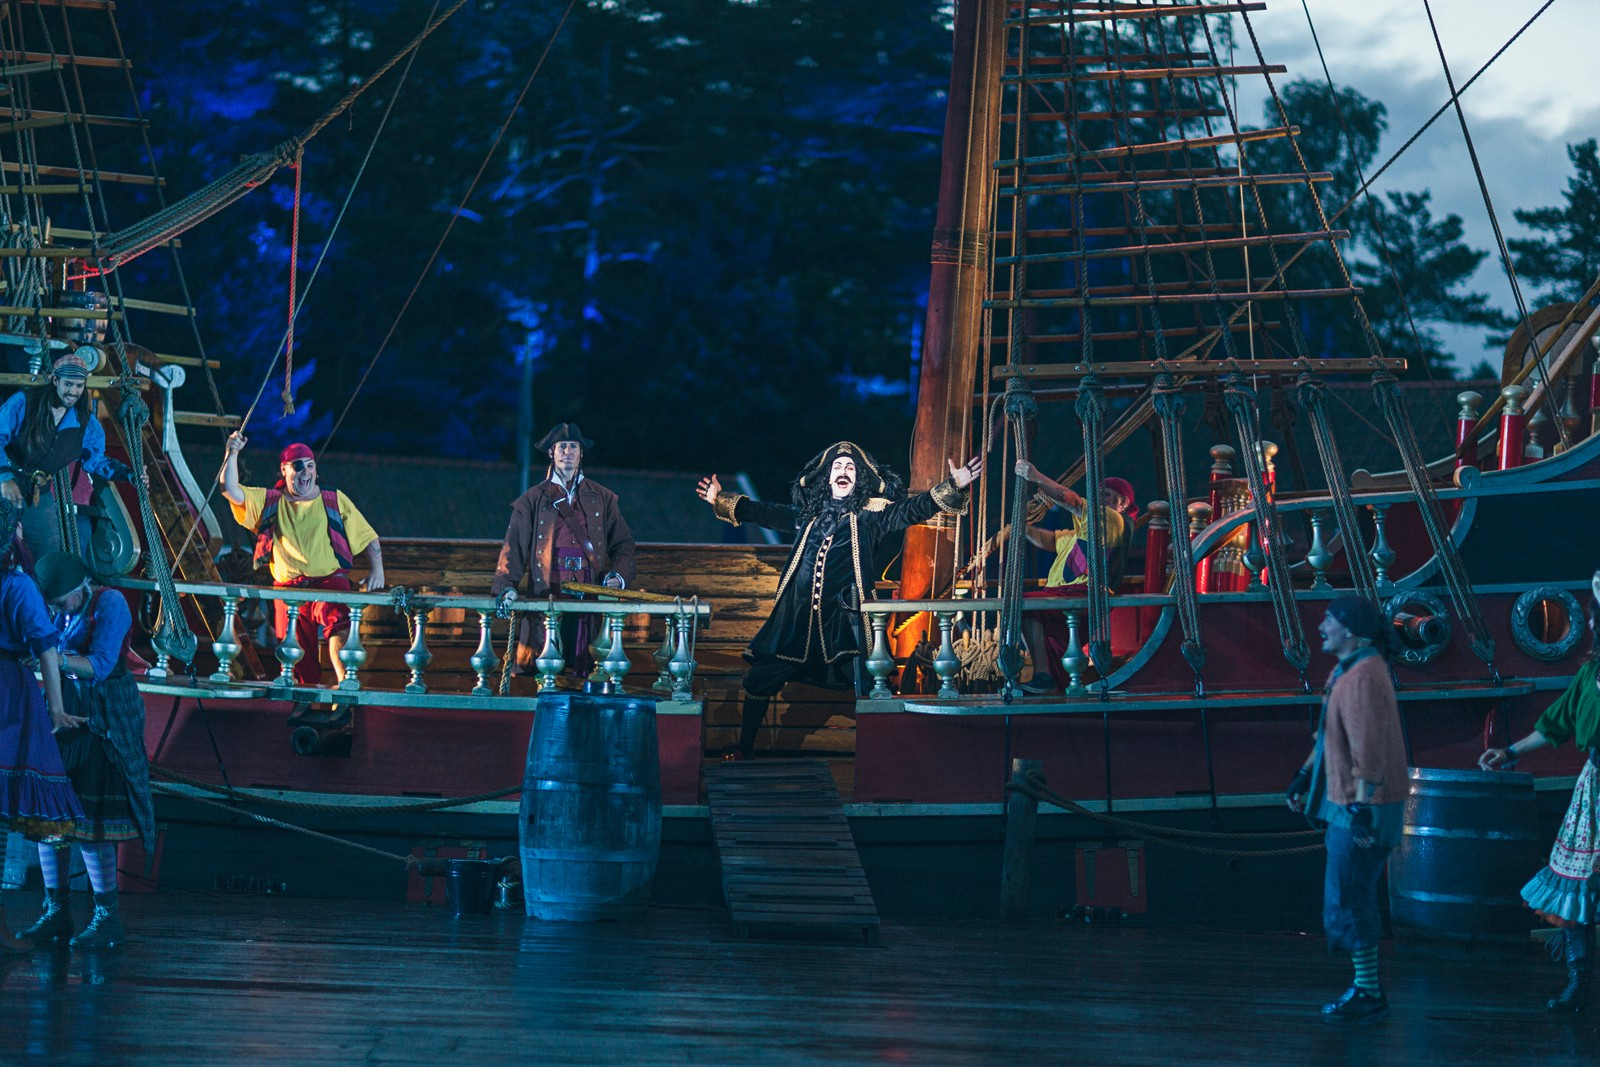 LOJALITET: Tematisk handler «Kaptein Sabeltann og den forheksede øya» om oppofrelse. Kapteinen selv har verdens mest oppofrende mannskap, men selv gjør han ikke stort, skriver NRKs anmelder.